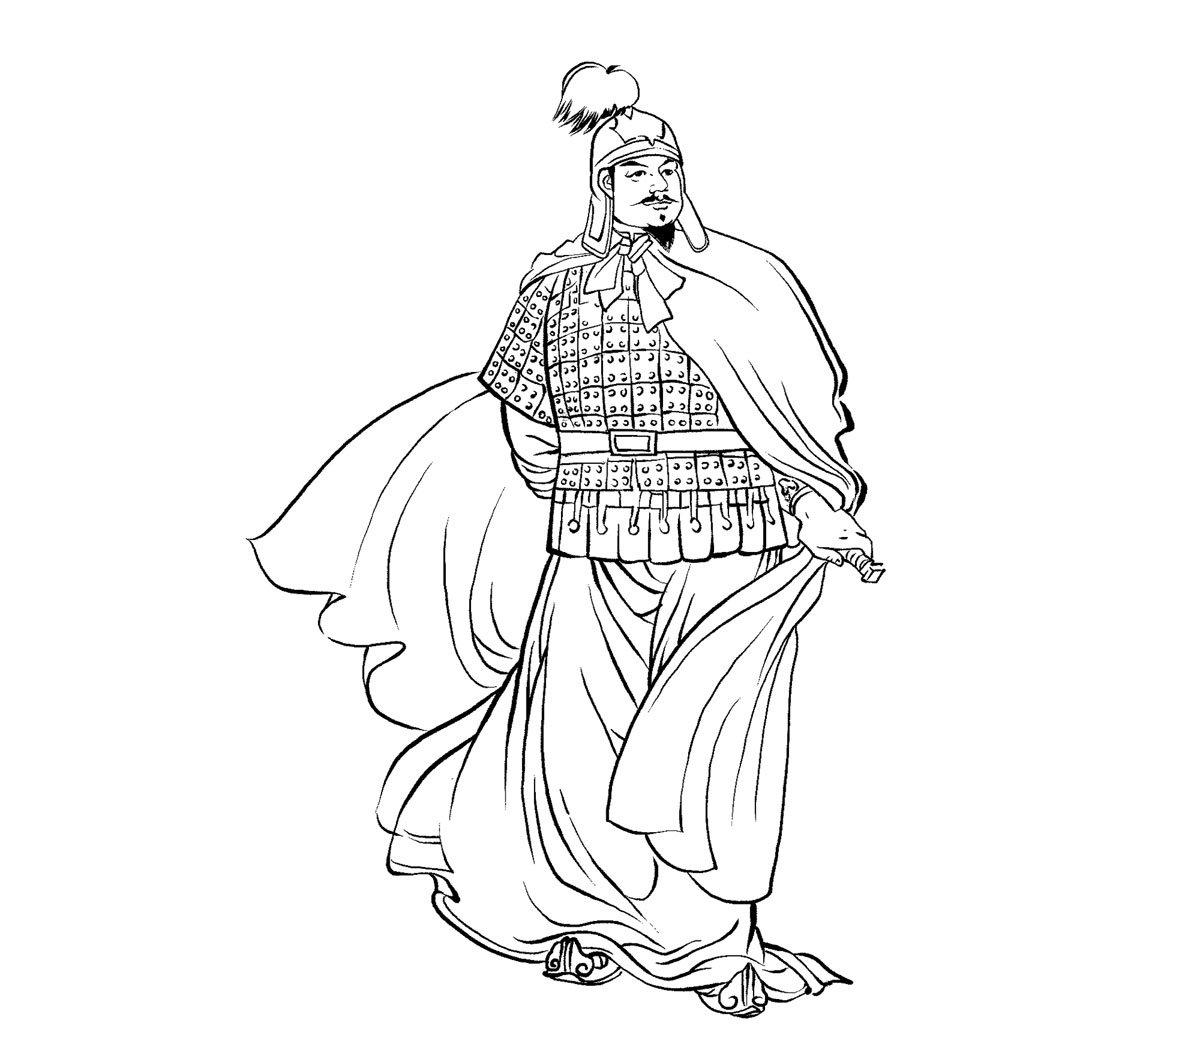 李由,秦朝丞相李斯的長子,被任命為三川郡郡守,駐守洛陽,秦末民變時陣亡。